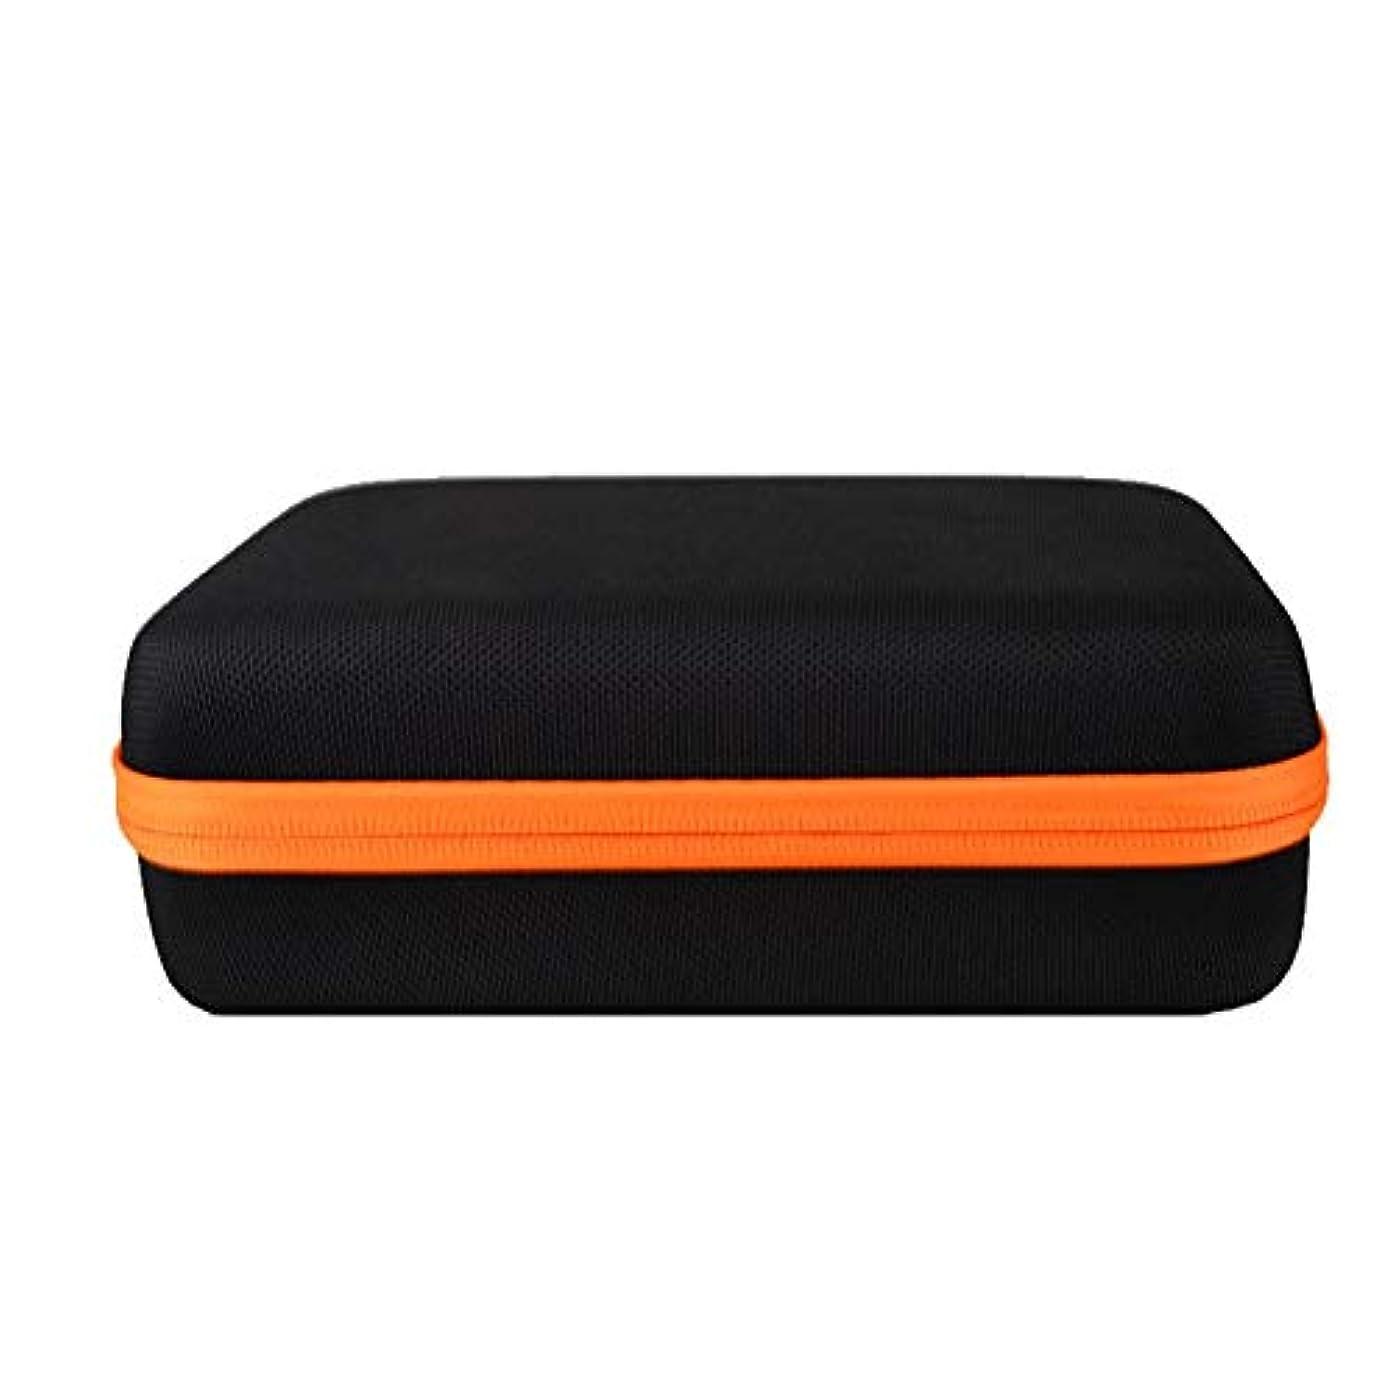 正気耳テンションアロマセラピー収納ボックス 保護テイク5ミリリットル、10mLのとオイルの15ミリリットル瓶不可欠旅行のポータブル石油貯蔵ボックスフレームのための高油のホルスター エッセンシャルオイル収納ボックス (色 : オレンジ,...